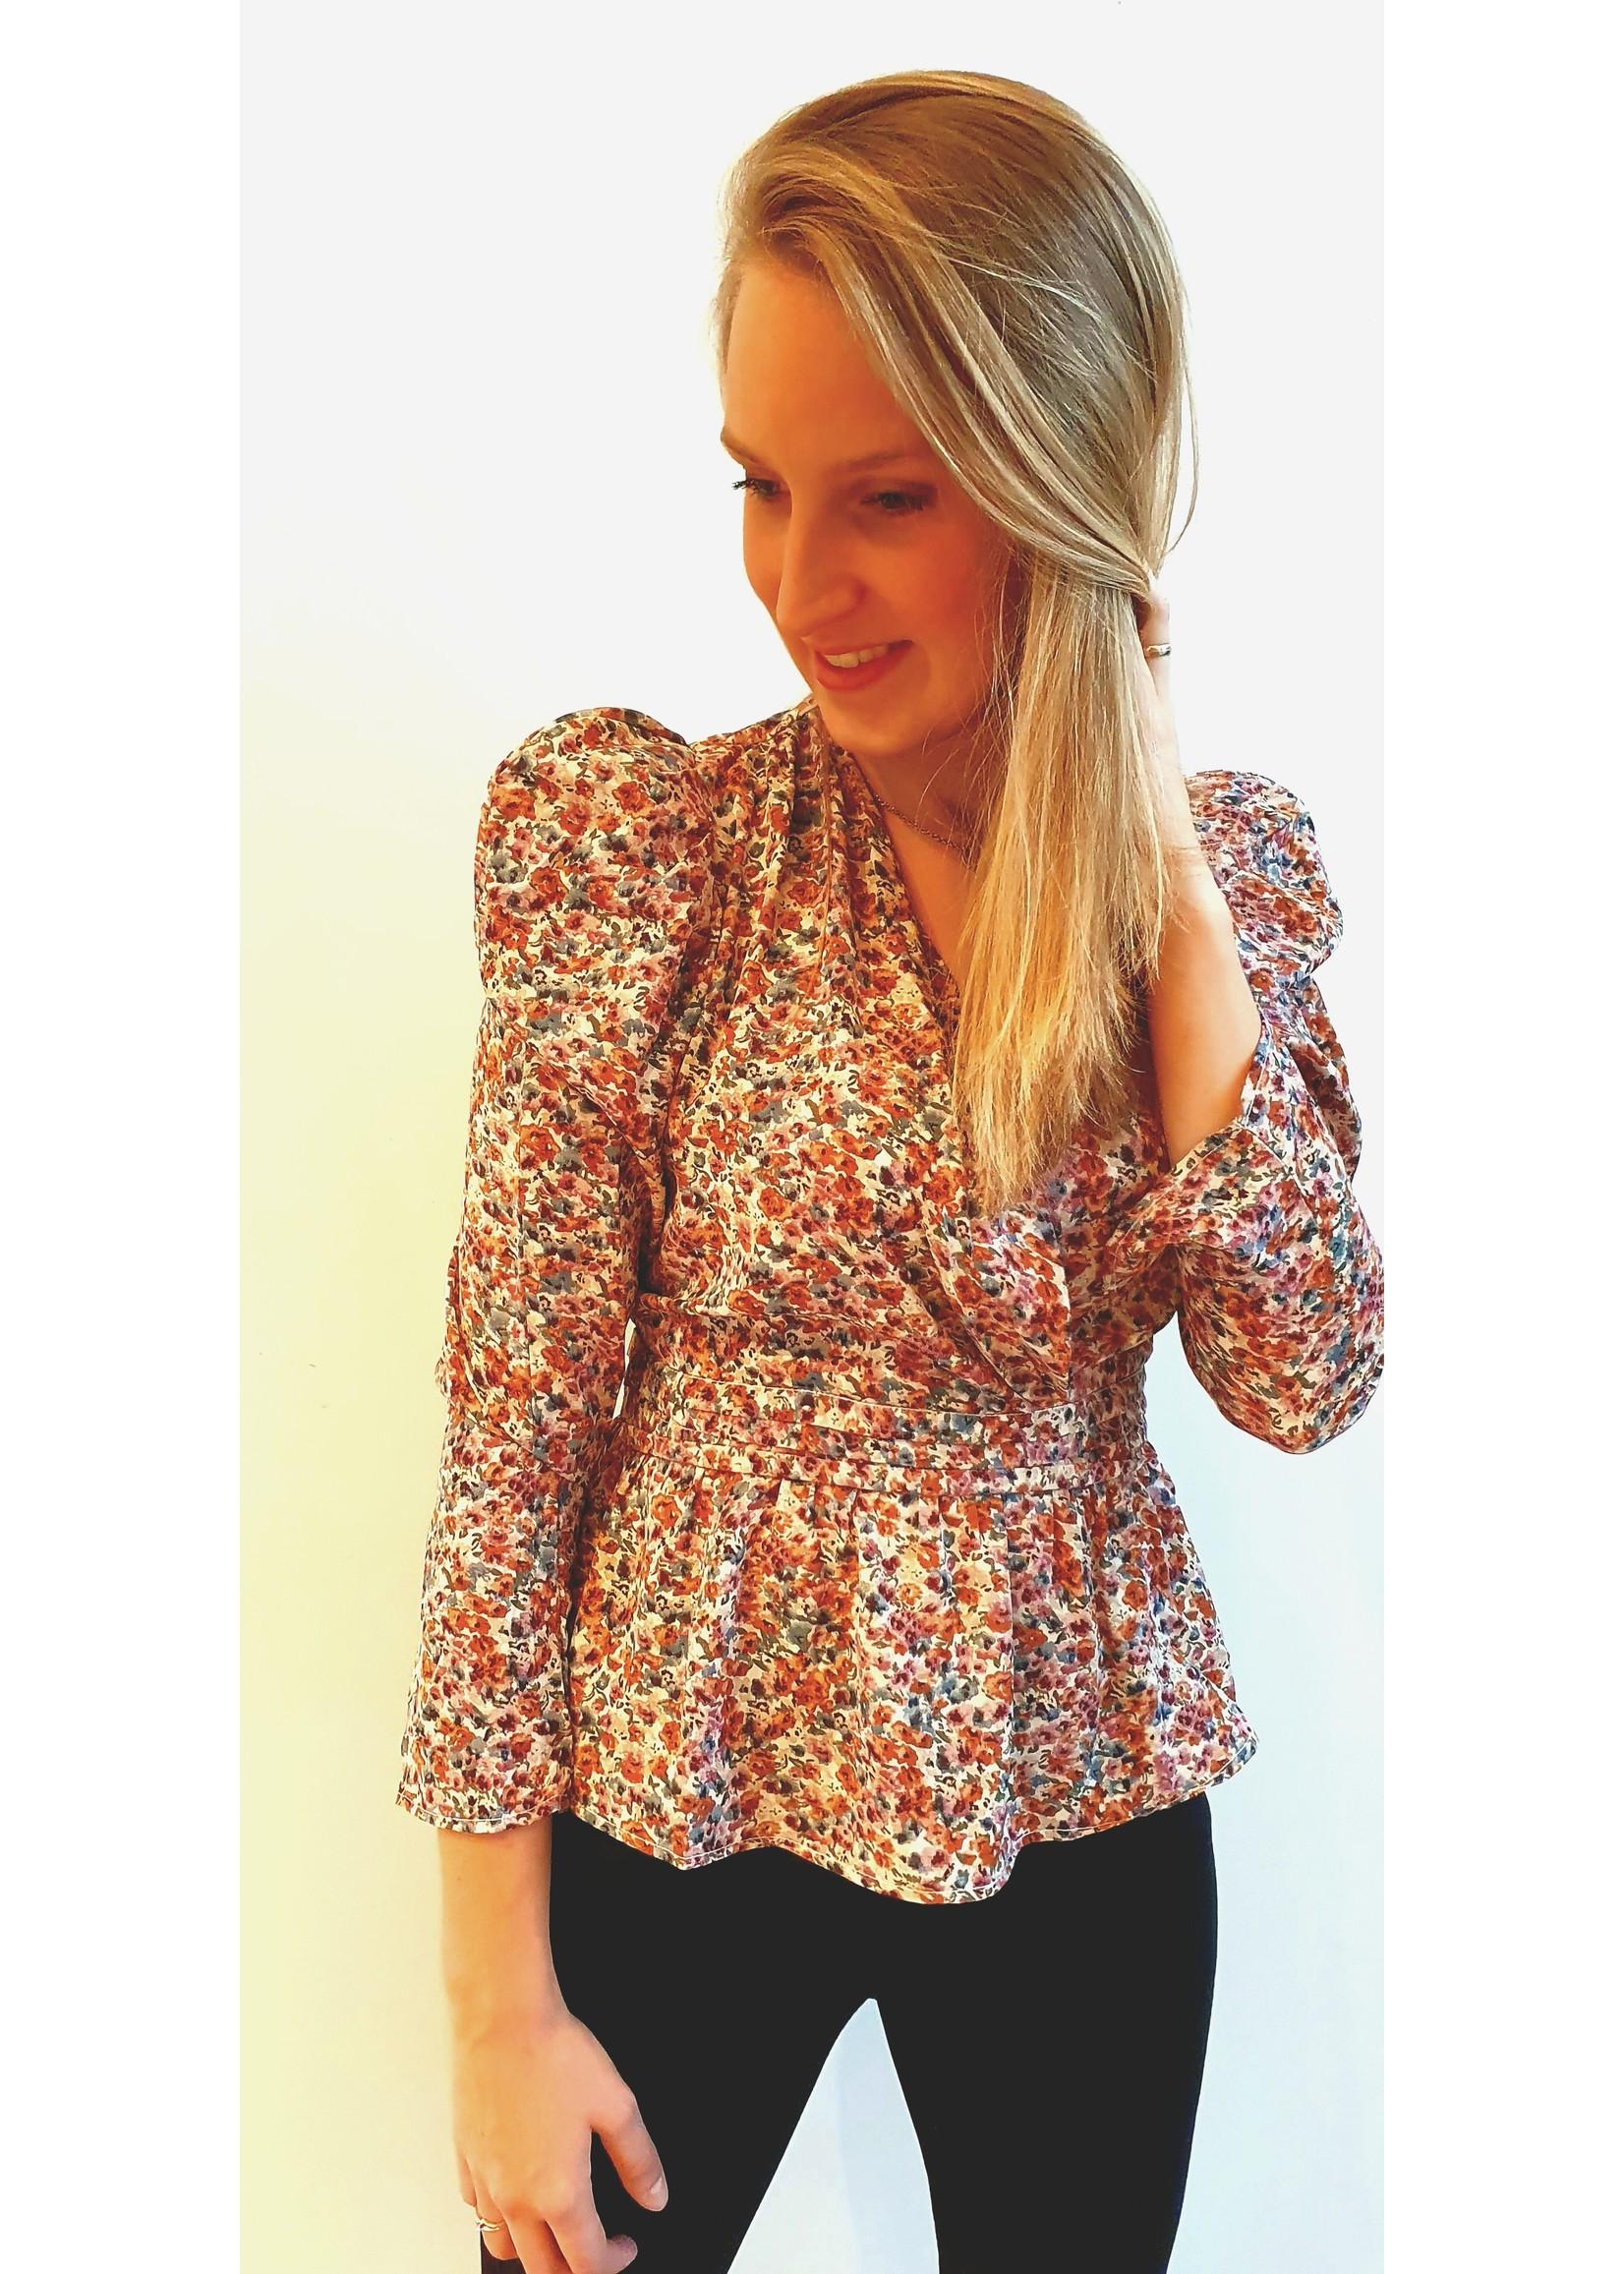 Autumn flower blouse